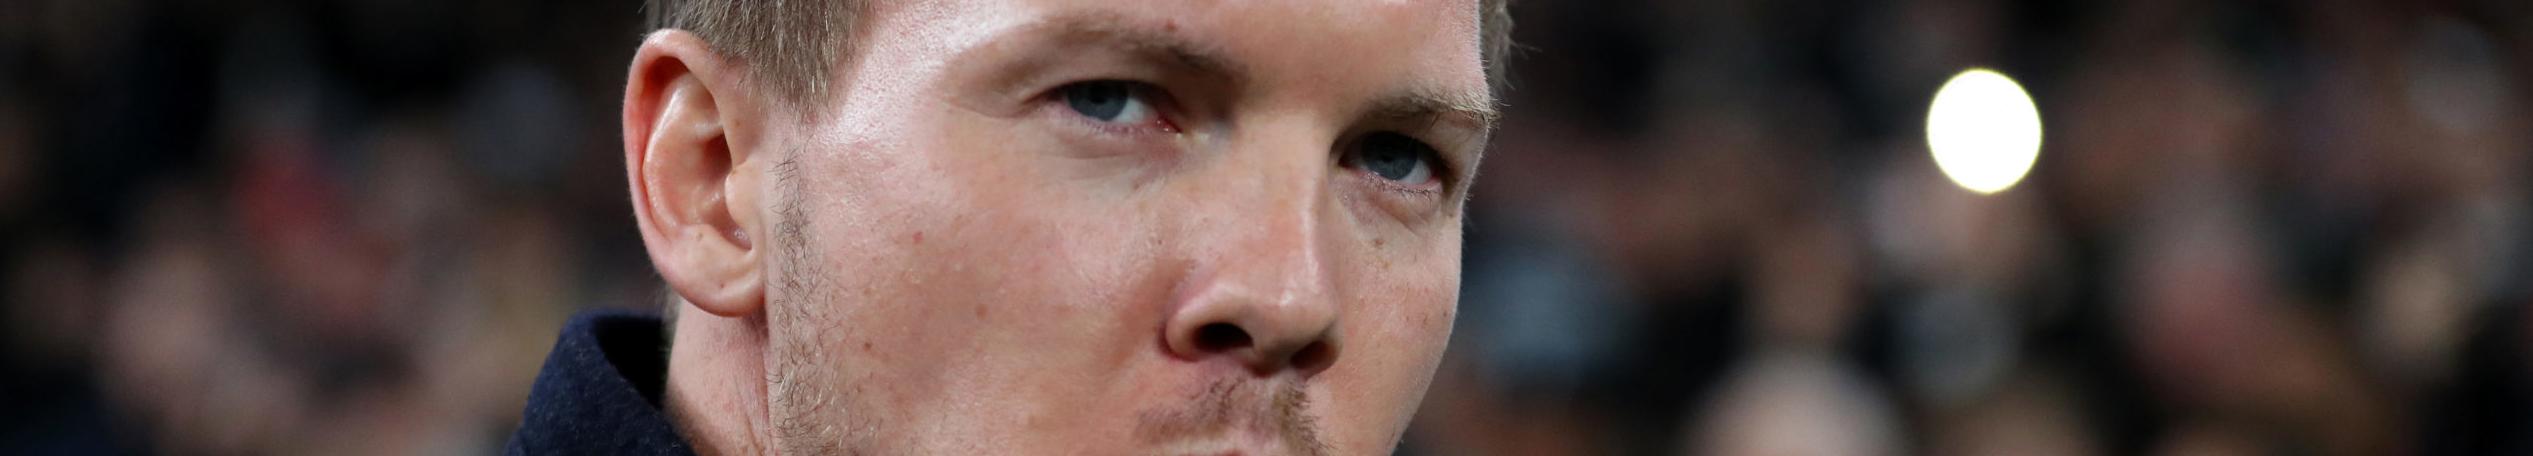 Schalke-Lipsia: Nagelsmann mira alla vetta della Bundesliga